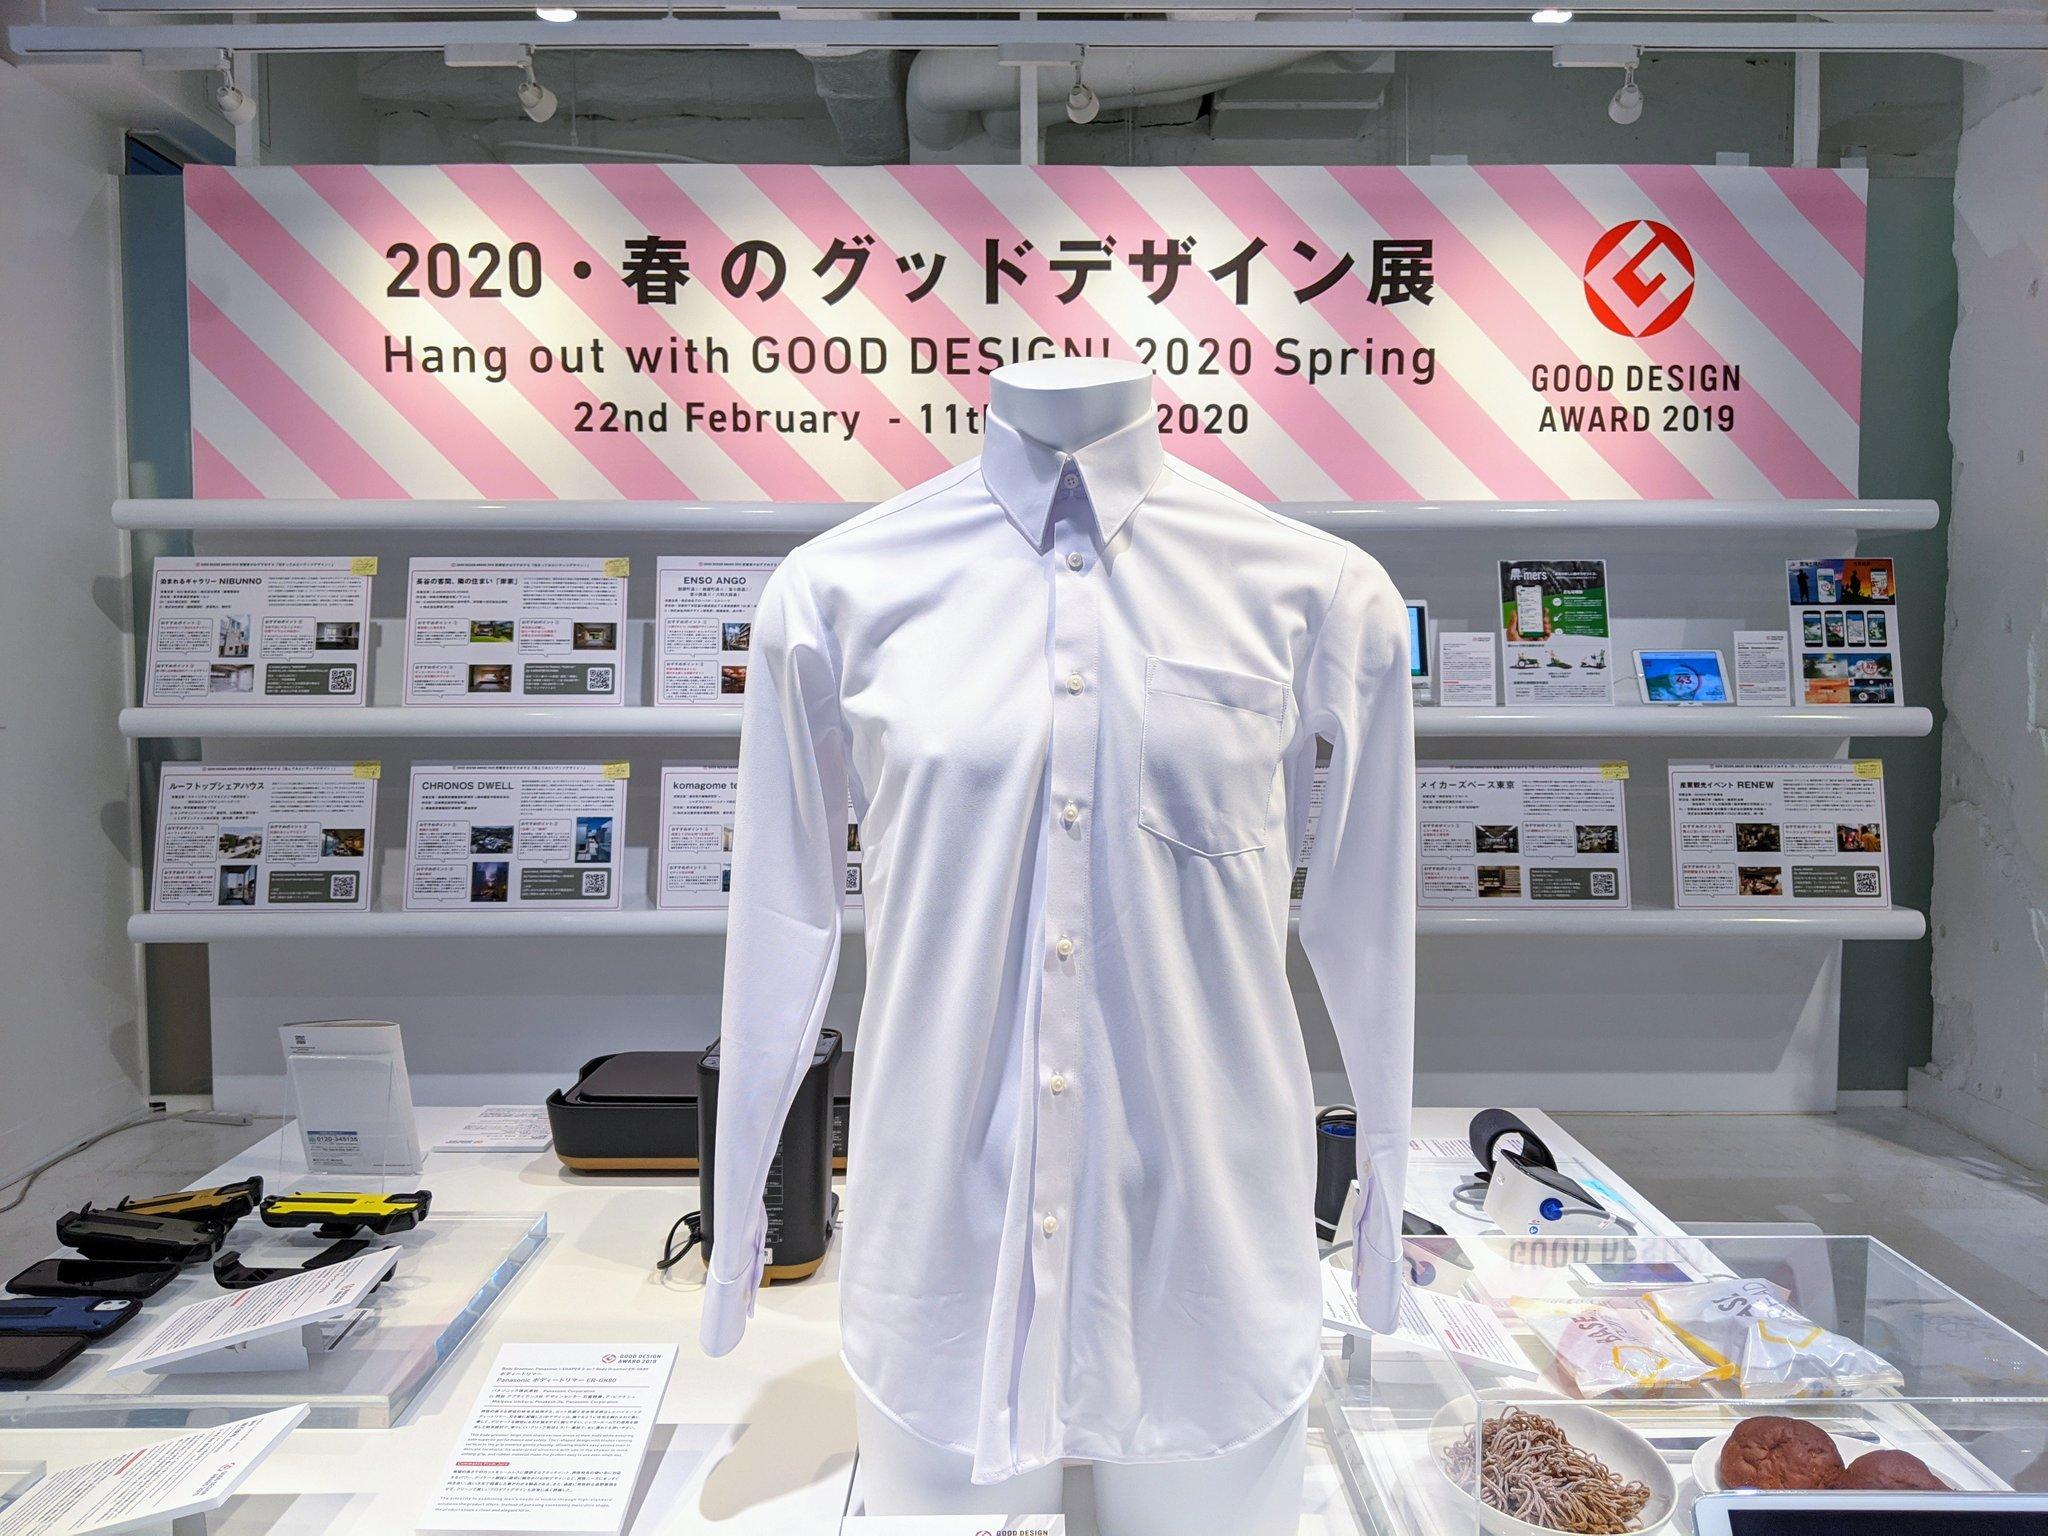 2020・春のグッドデザイン